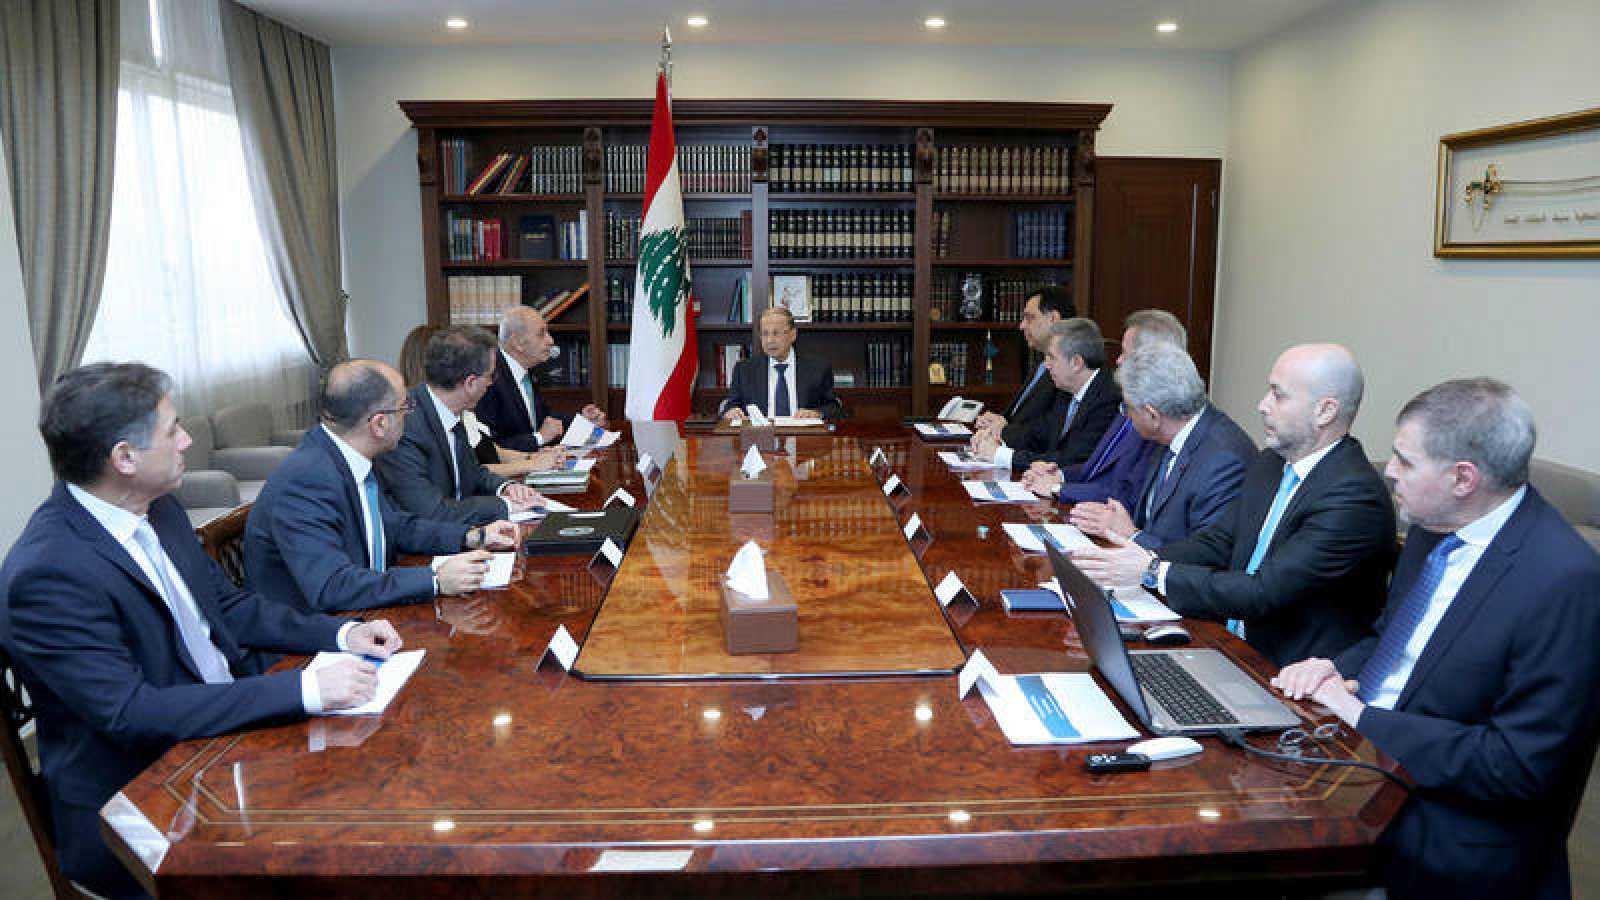 El presidente del Líbano, Michel Aoun, encabeza una reunión junto al primer ministro, Hassan Diab, en el palacio presidencial en Baada, el este de Beirut